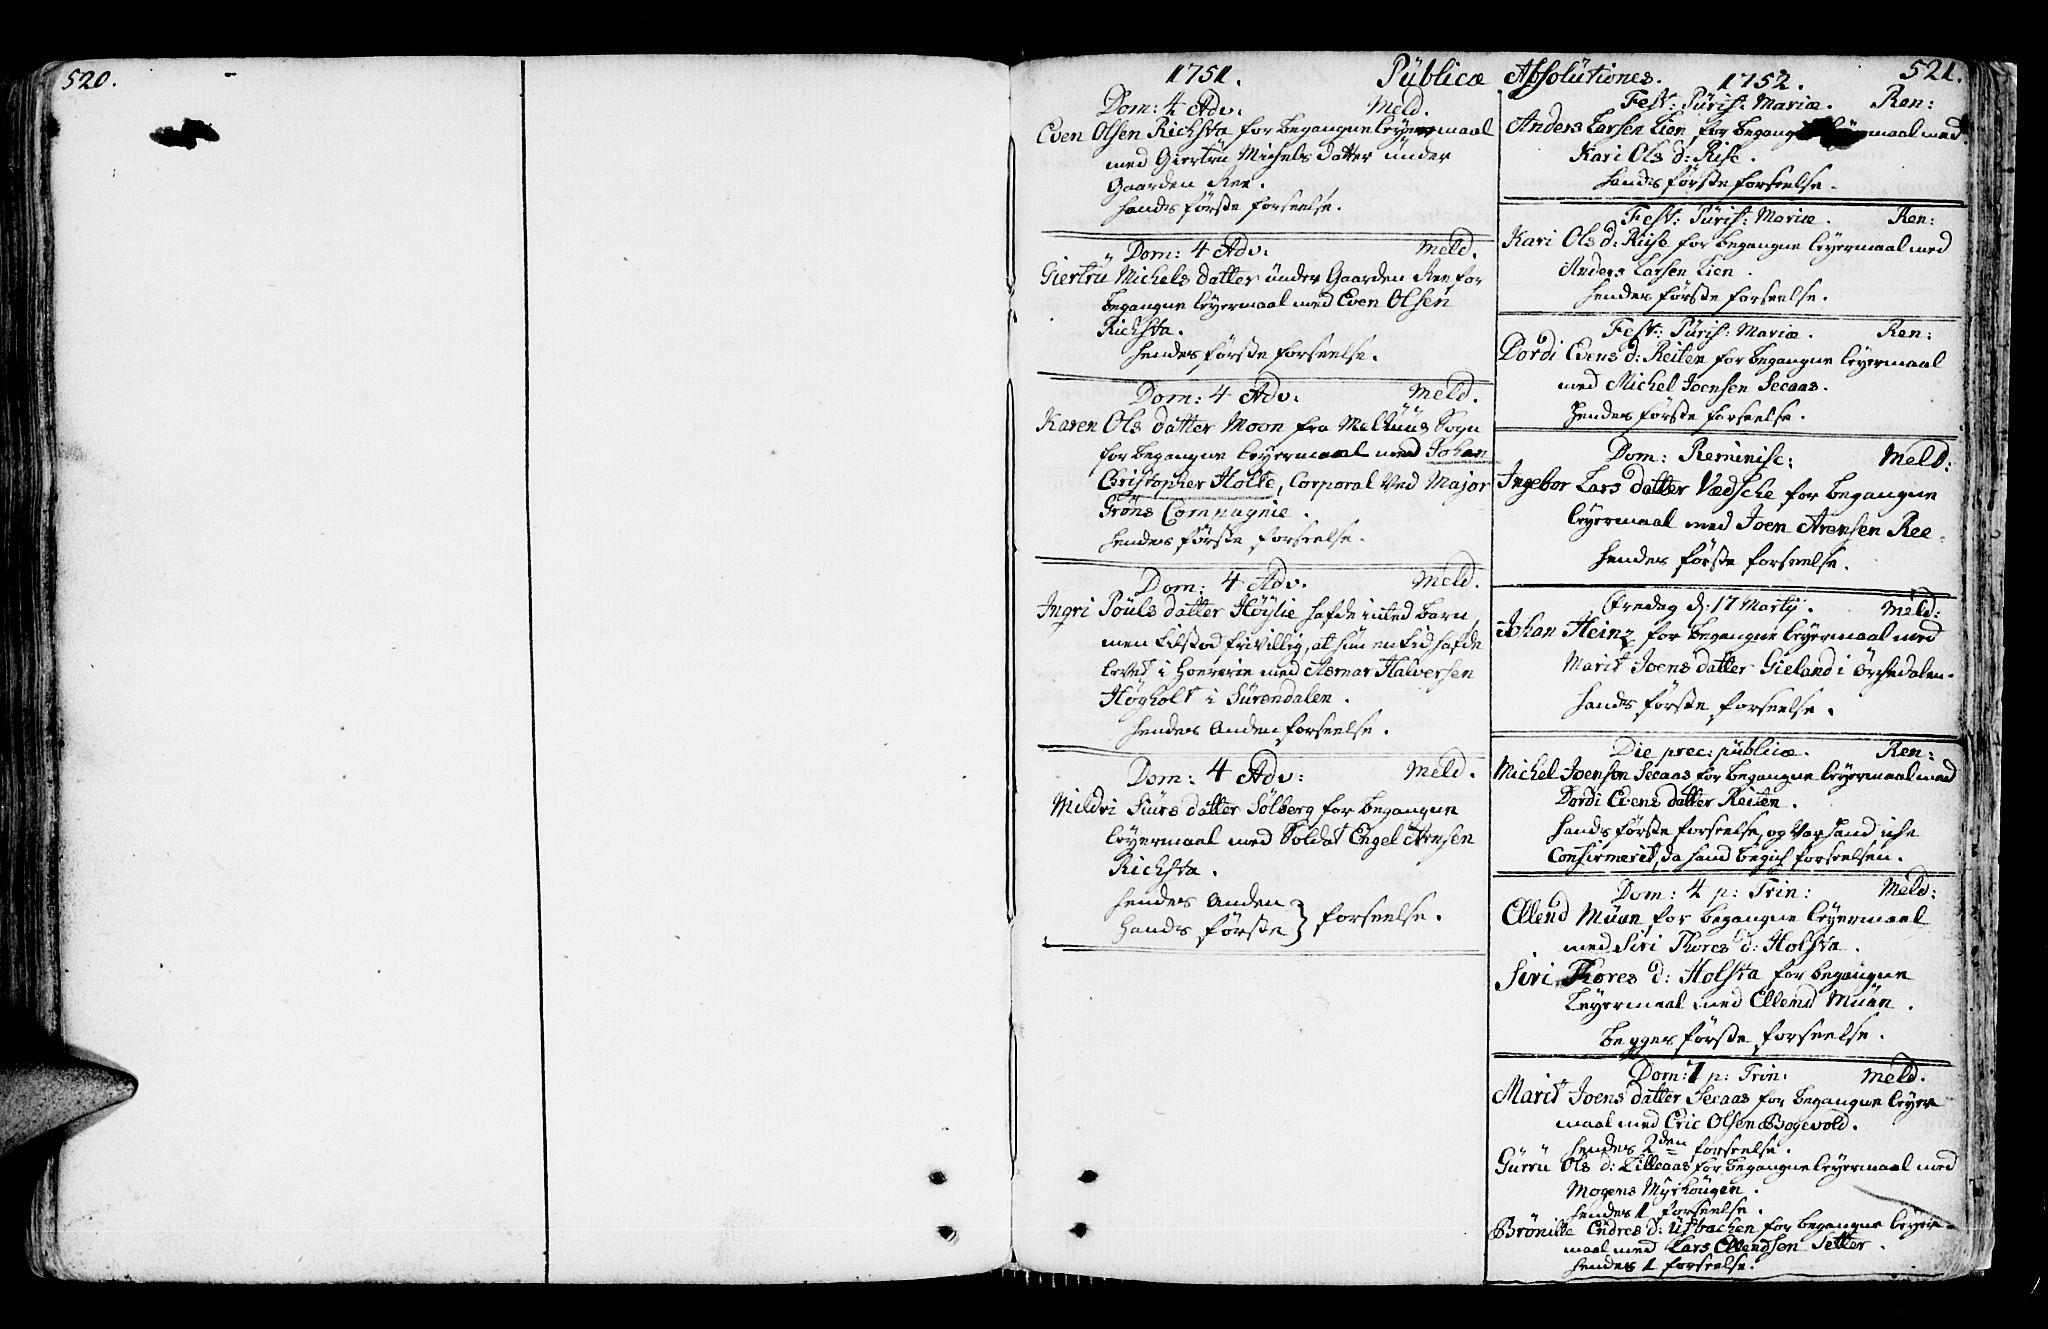 SAT, Ministerialprotokoller, klokkerbøker og fødselsregistre - Sør-Trøndelag, 672/L0851: Ministerialbok nr. 672A04, 1751-1775, s. 520-521